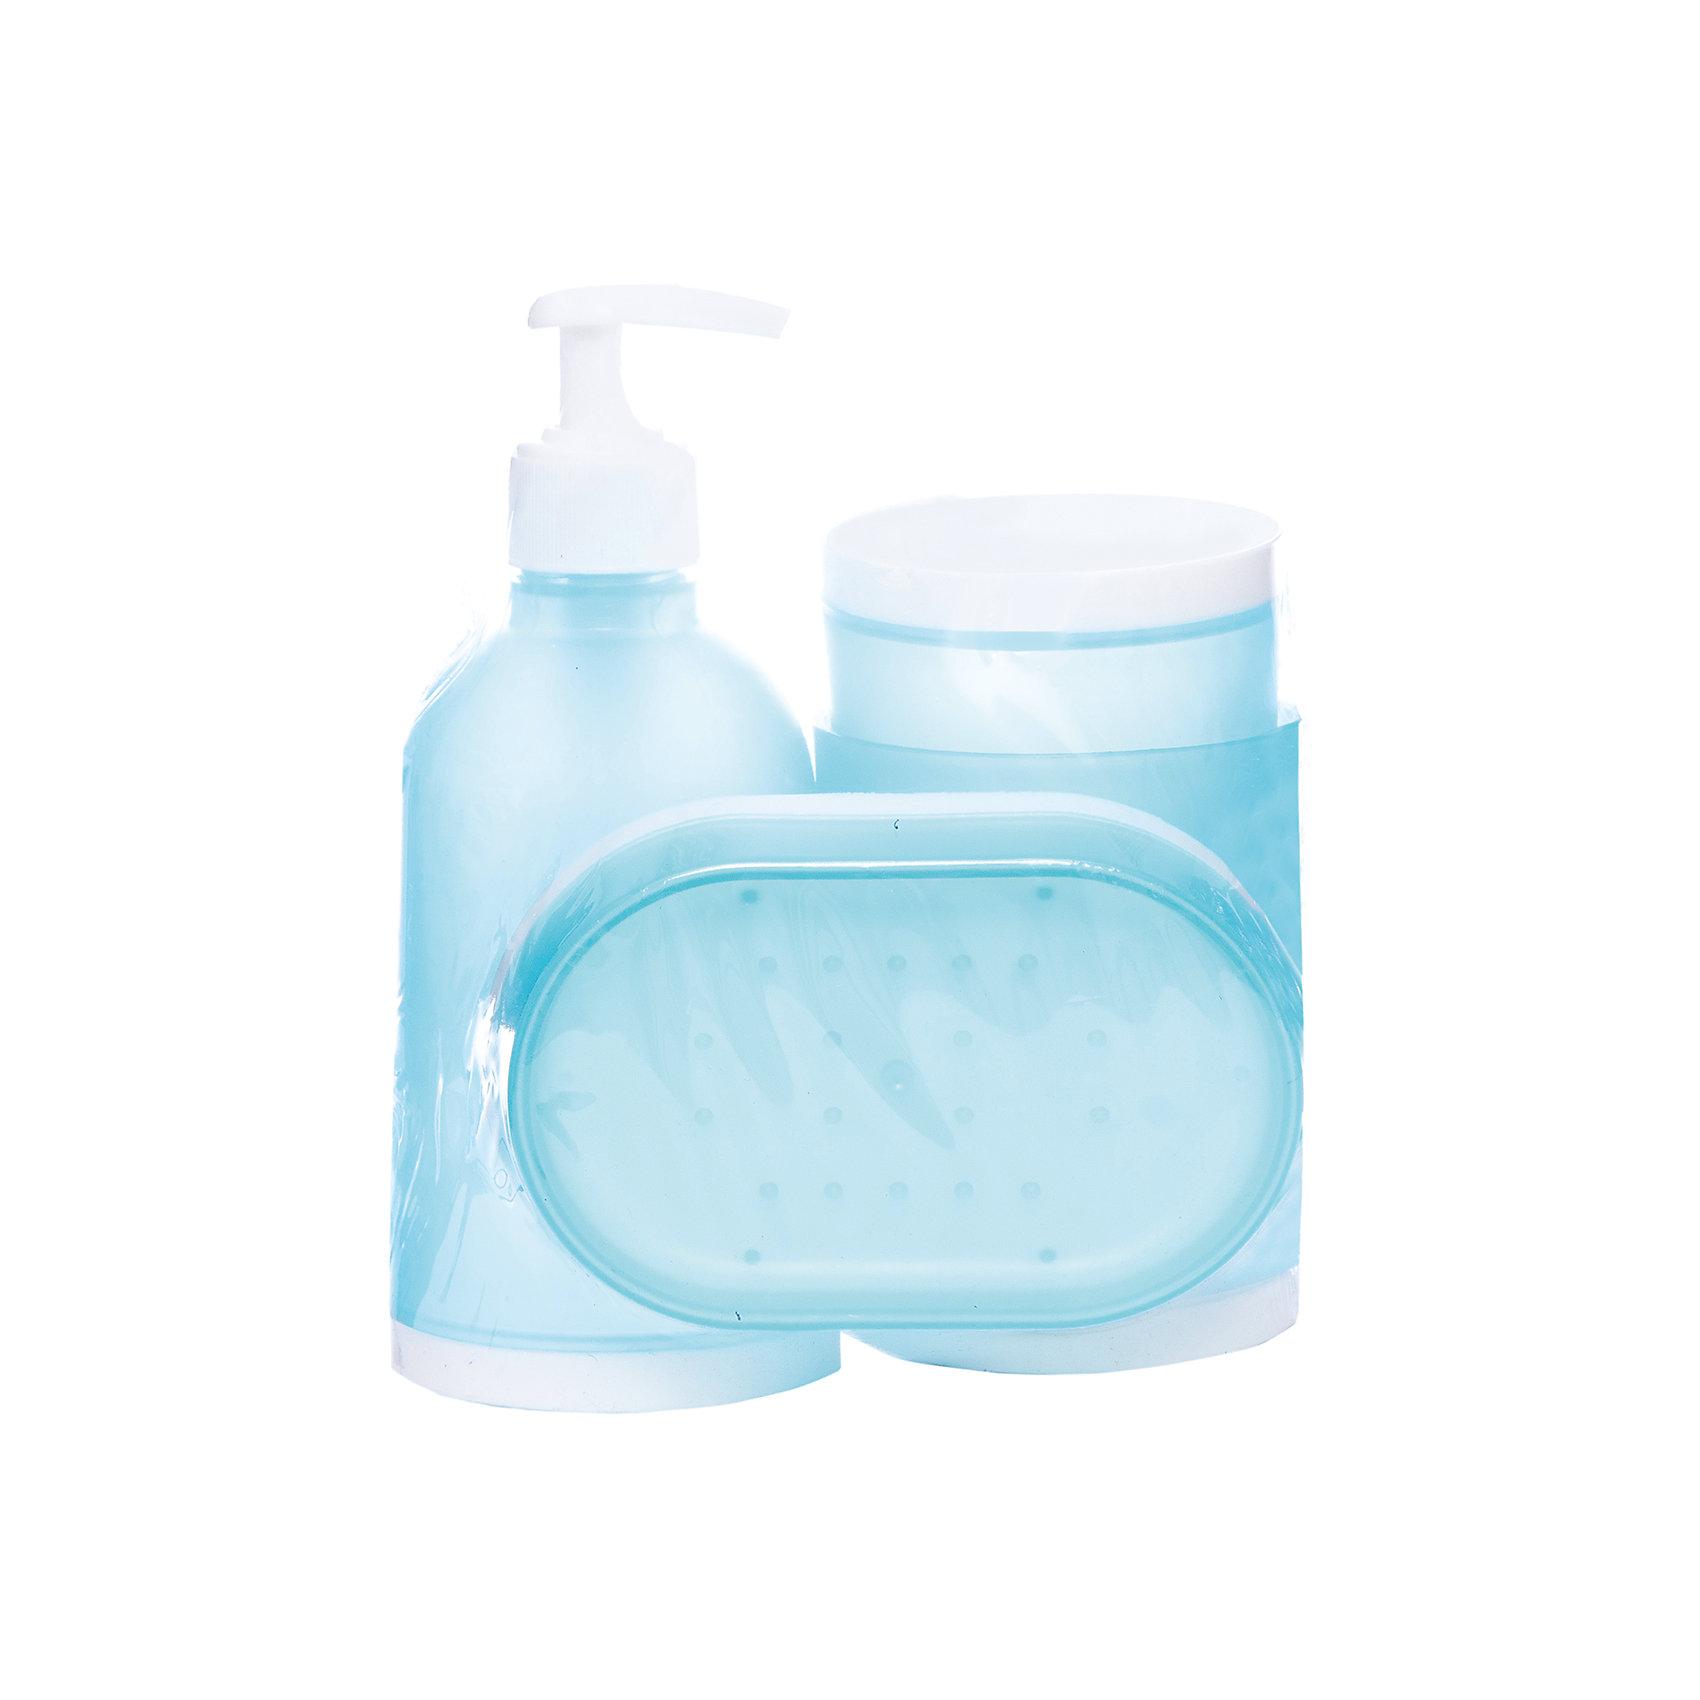 Набор для ванной 4 предмета BS2, Рыжий котВанная комната<br>Набор для ванной 4 предмета BS2, Рыжий кот<br><br>Характеристики:<br><br>• в комплекте: диспенсер, стакан, мыльница, держатель для зубных щеток<br>• размер диспенсера: 17х17,5 см<br>• размер стакана: 10х7,5 см<br>• размер мыльницы: 12х8,5х2,5 см<br>• размер держателя для зубных щеток: 12х7,5 см<br>• материал: полипропилен<br><br>Набор BS2 состоит из диспенсера, стакана, мыльницы и держателя для зубных щеток. Все аксессуары изготовлены из полипропилена. Он не скользит по поверхности и легко очищается. Приятный дизайн бело-голубого цвета отлично дополнит вашу ванную комнату.<br><br>Набор для ванной 4 предмета BS2, Рыжий кот вы можете купить в нашем интернет-магазине.<br><br>Ширина мм: 140<br>Глубина мм: 100<br>Высота мм: 170<br>Вес г: 285<br>Возраст от месяцев: 12<br>Возраст до месяцев: 216<br>Пол: Унисекс<br>Возраст: Детский<br>SKU: 5454092